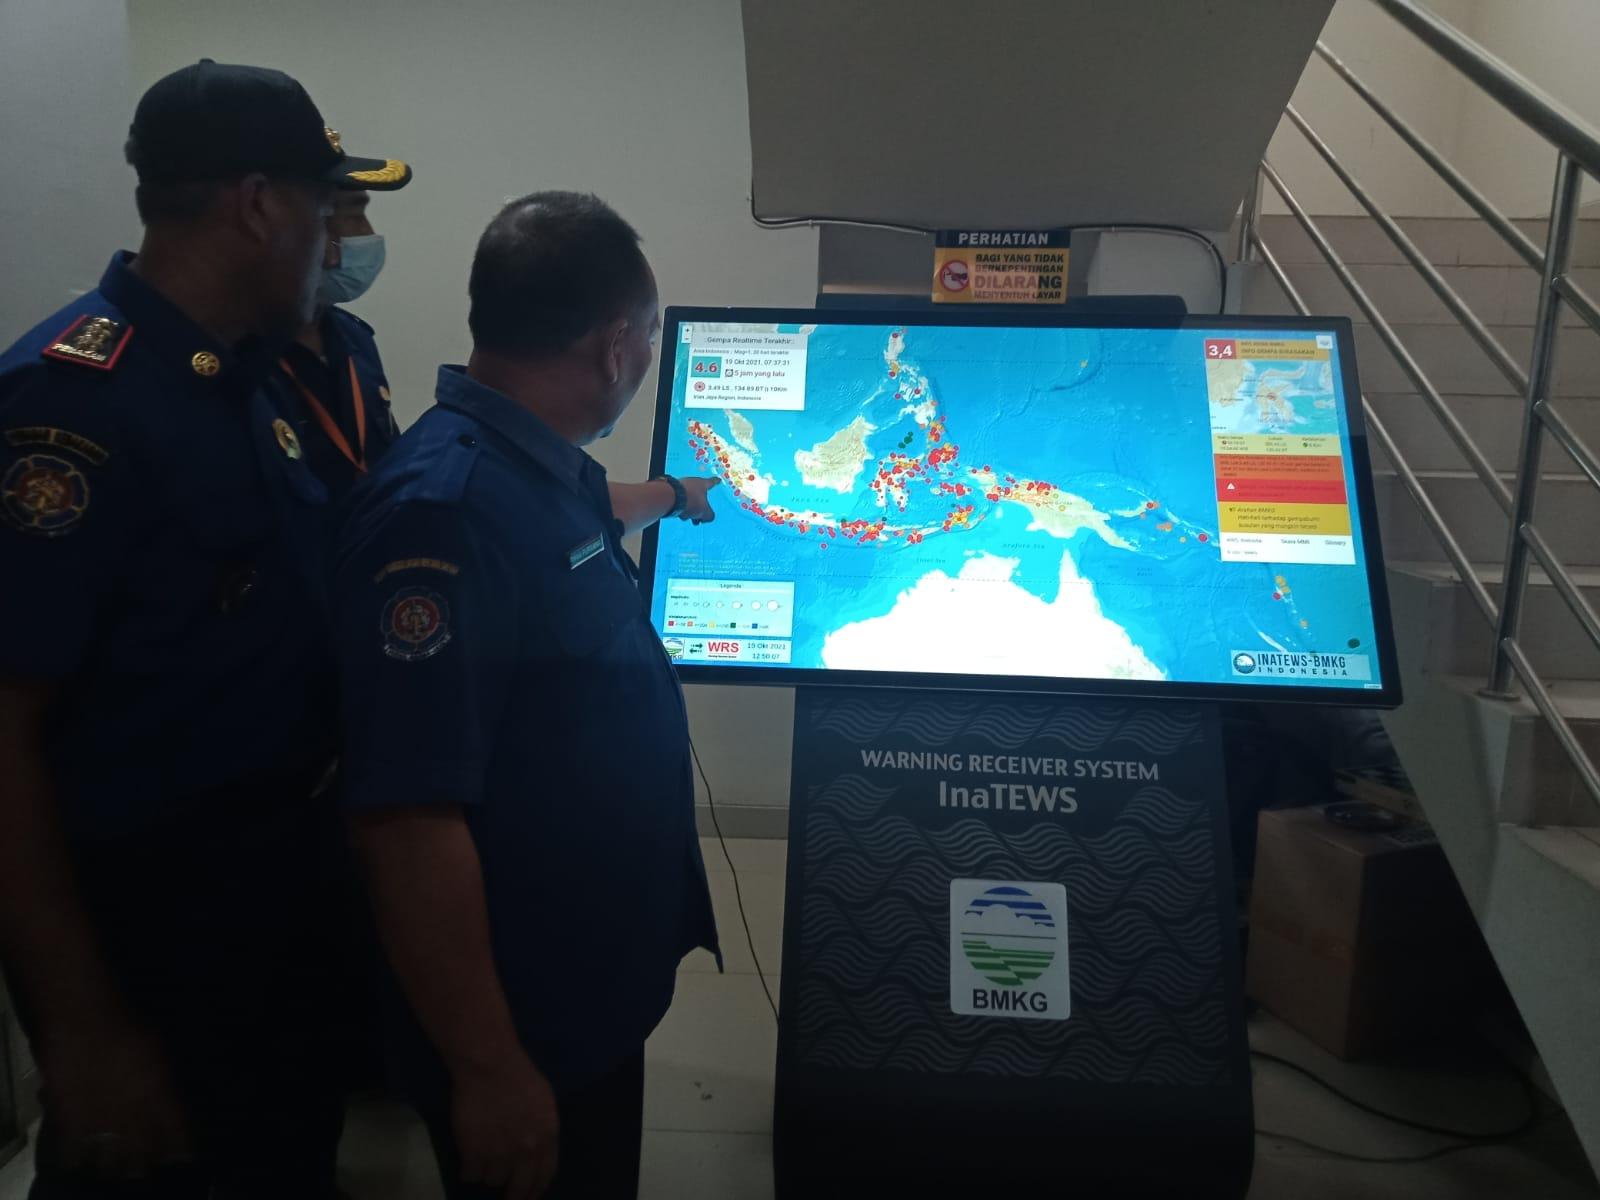 Pemkab Tangerang terima alat pendeteksi gempa dari BMKG